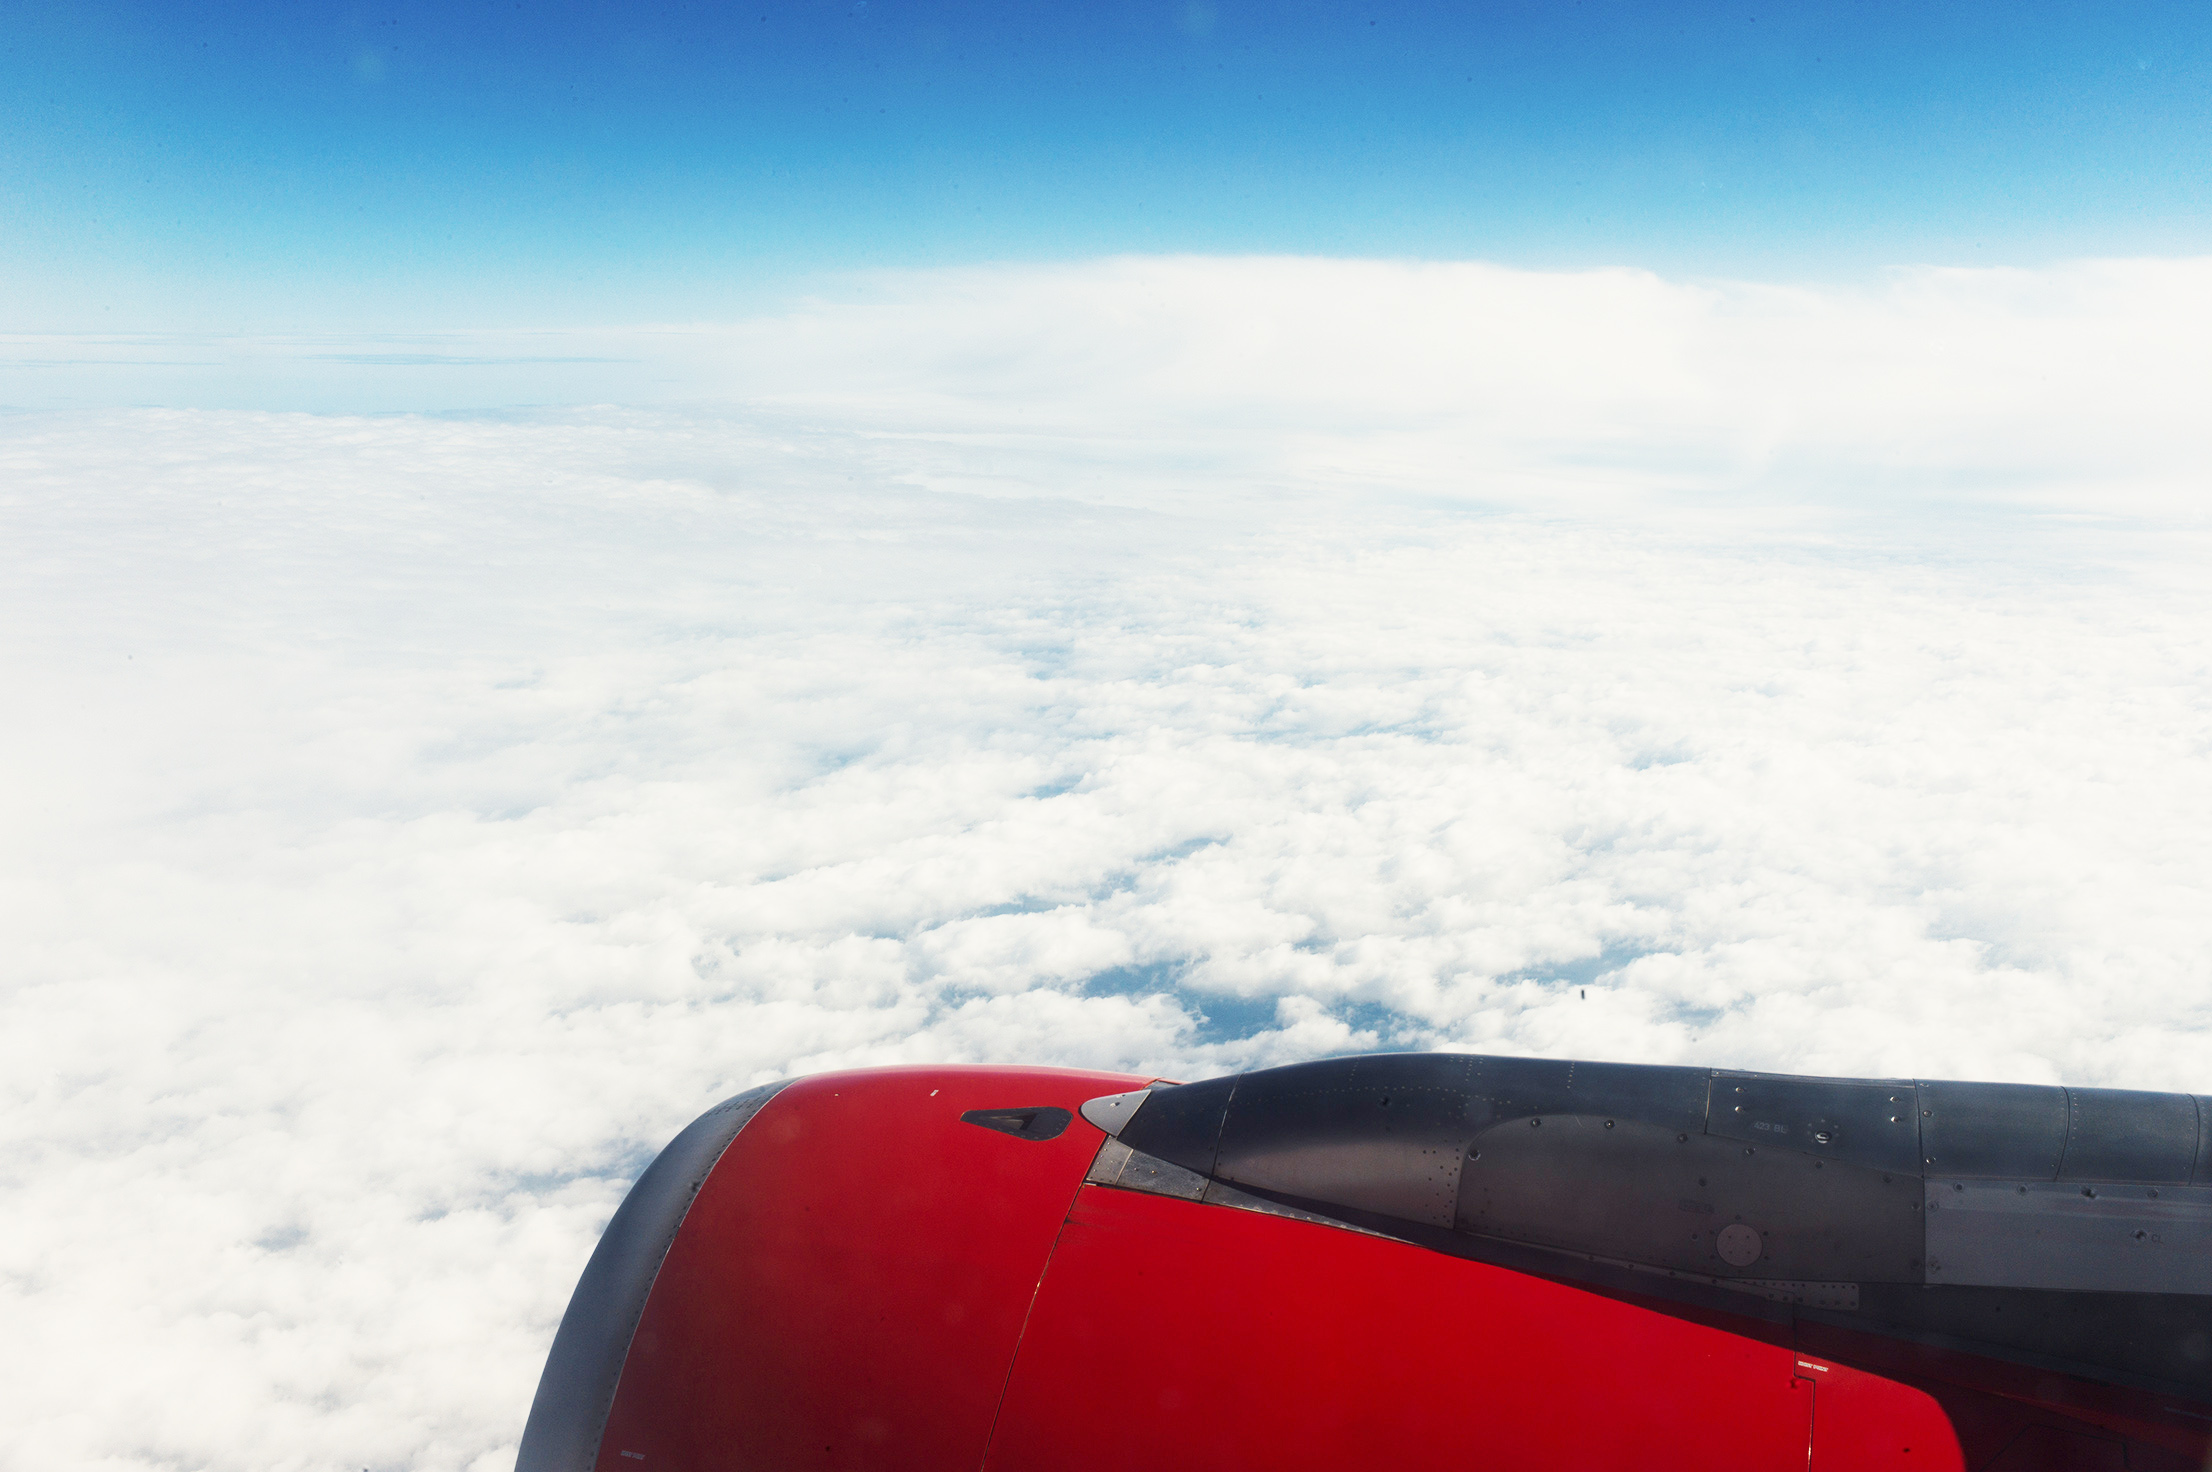 Langstreckenflug, Wo günstige Flüge finden? Tipps